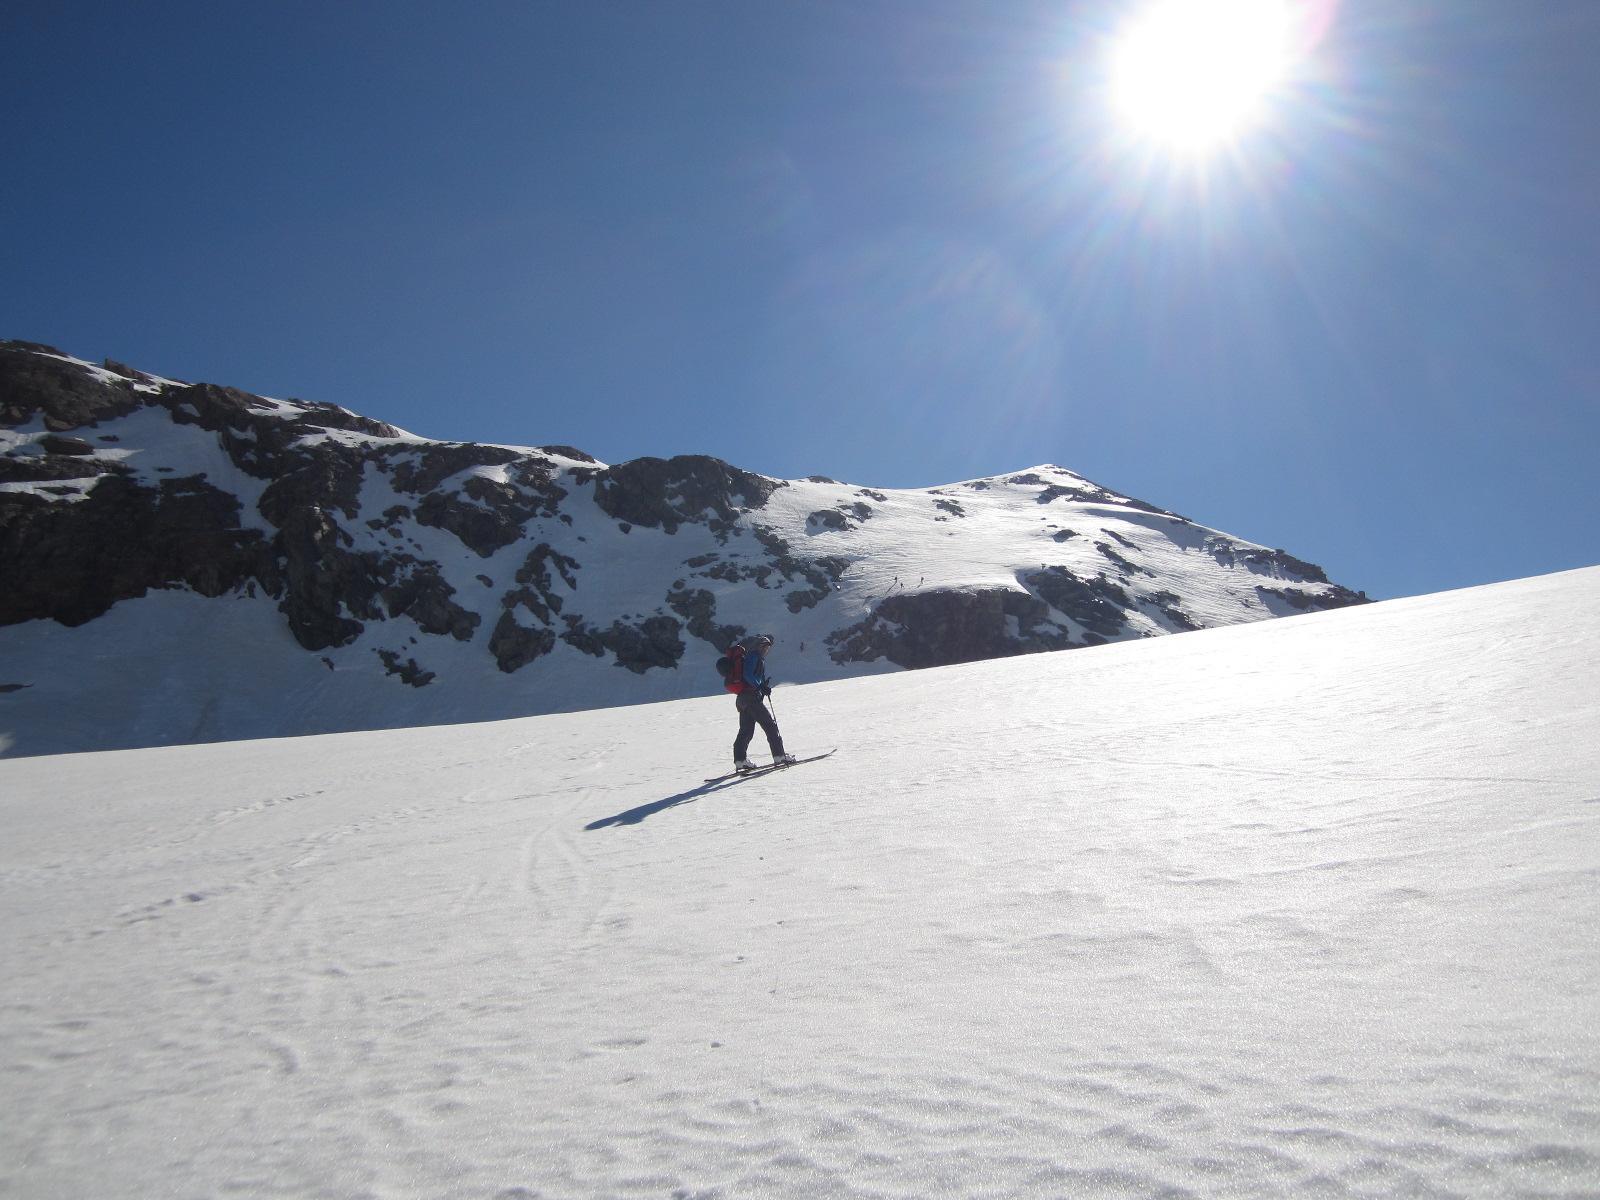 sul ghiacciaio con la vetta sullo sfondo...